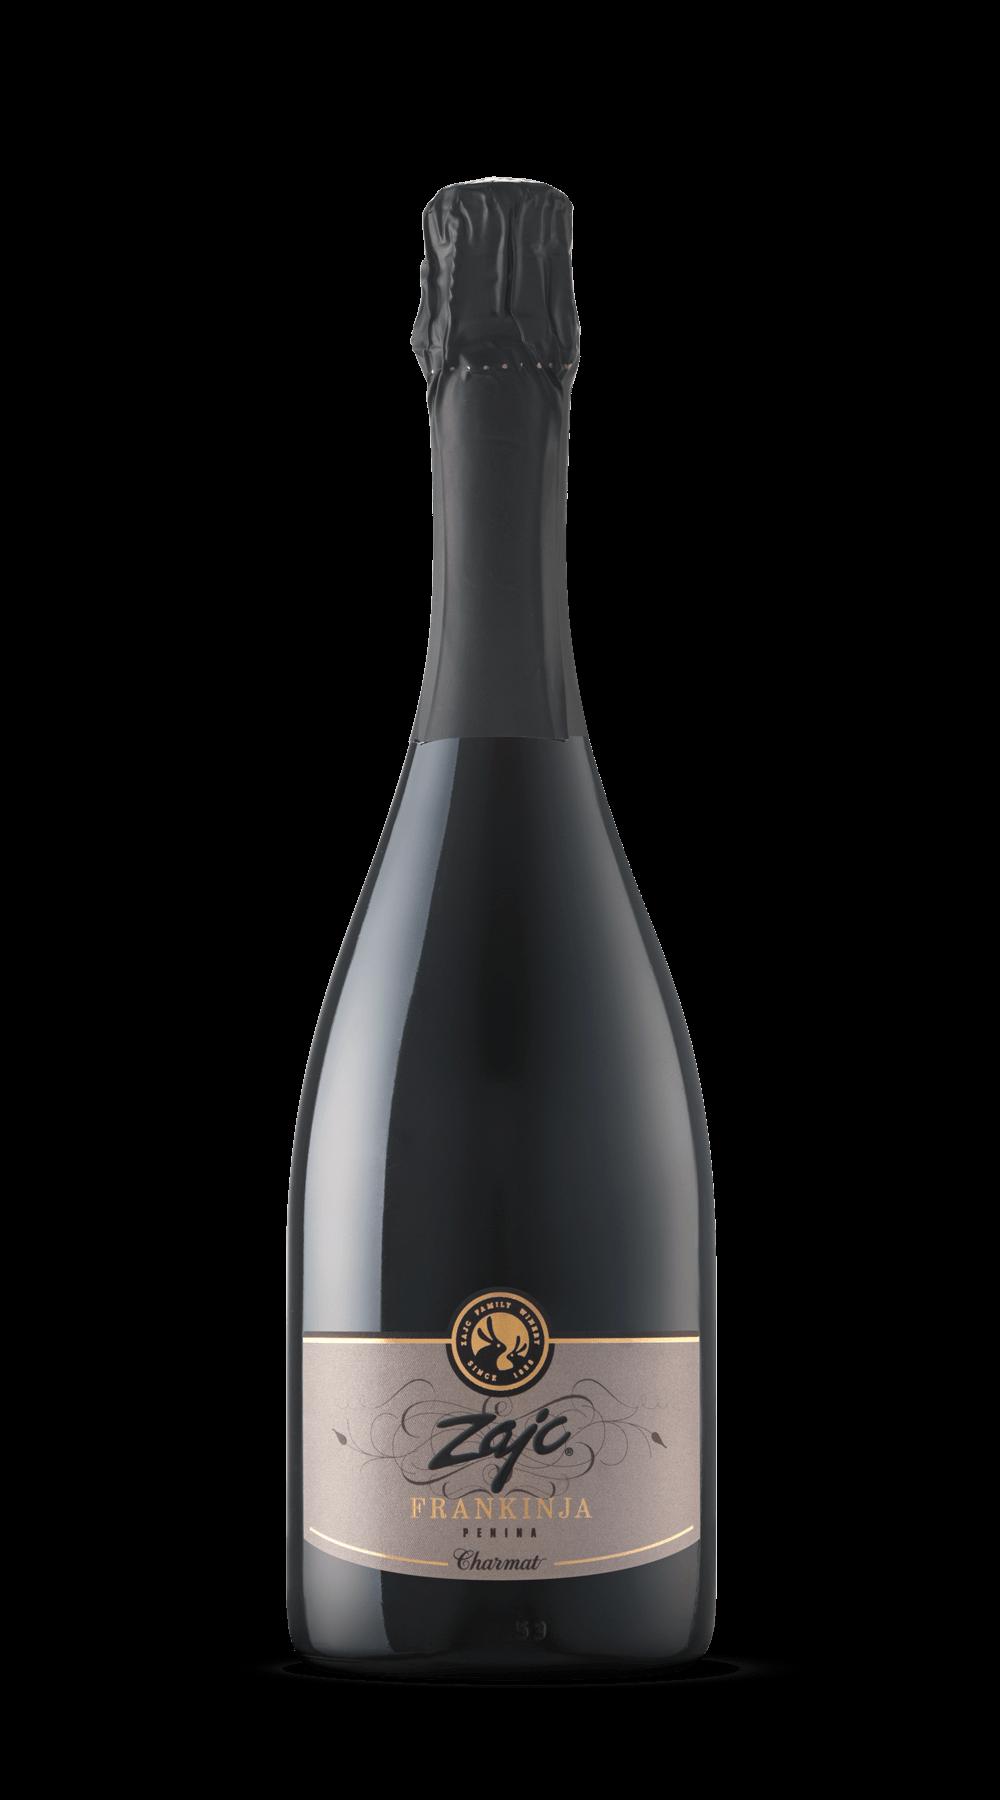 Blaufränkisch sparkling wine